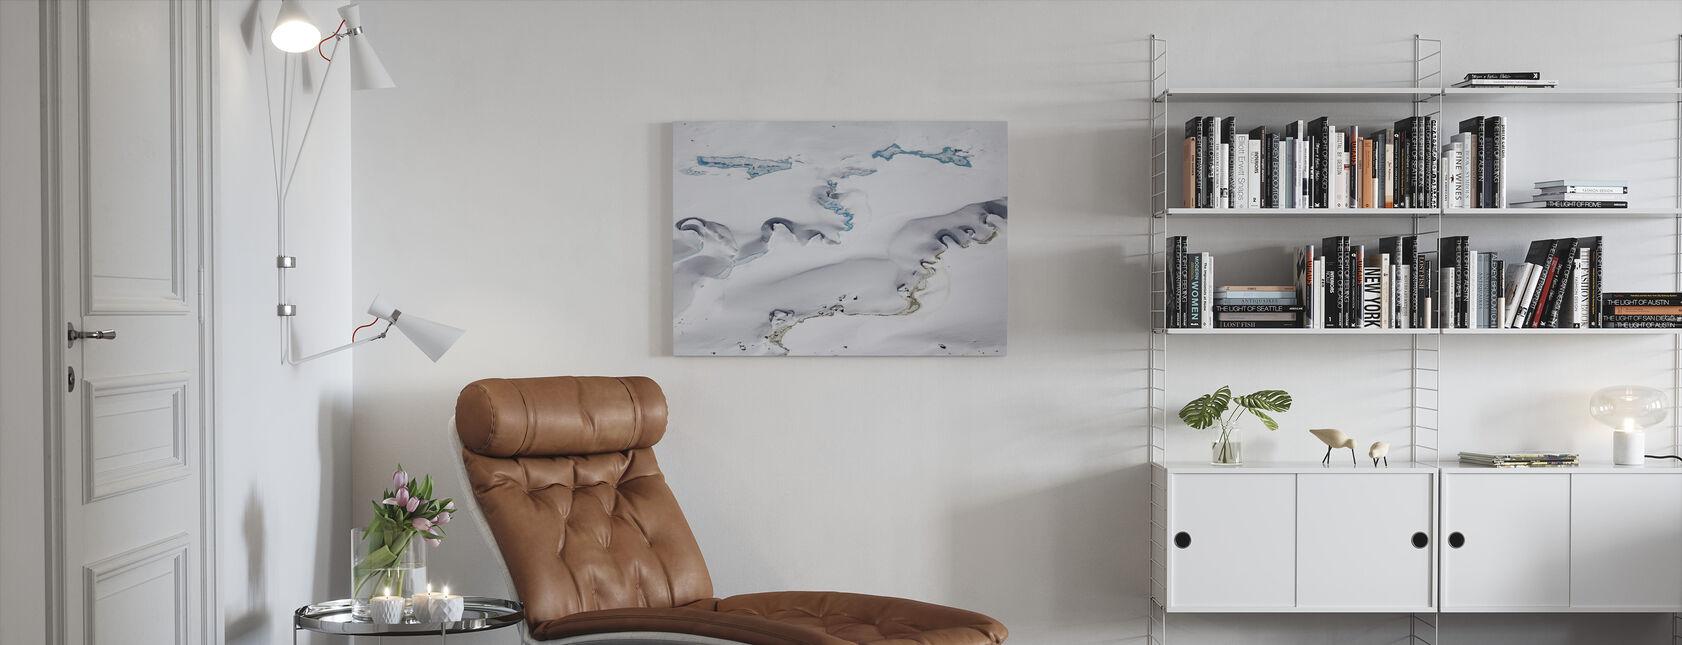 Gornergletscher mit Schmelzwasserkanälen - Leinwandbild - Wohnzimmer